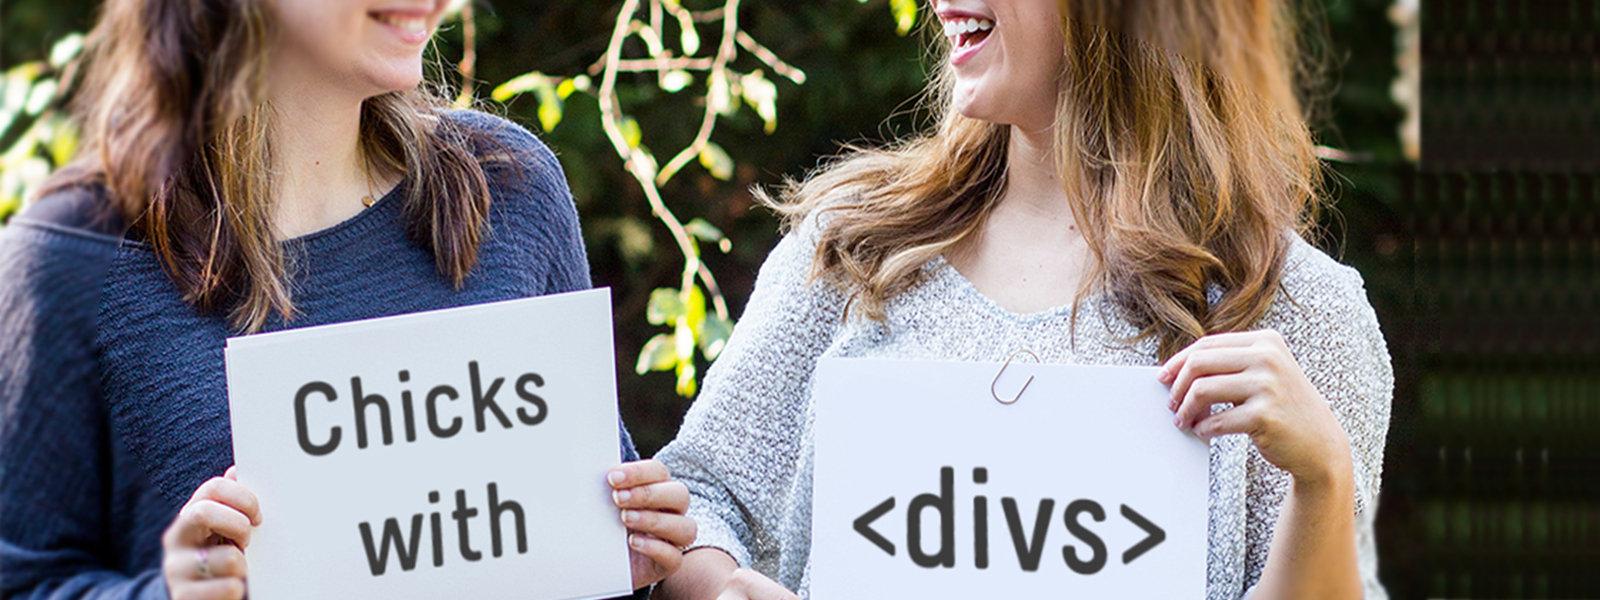 Chicks with Divs: De kracht van vrouwelijke IT'ers in een wereld vol testosteron.